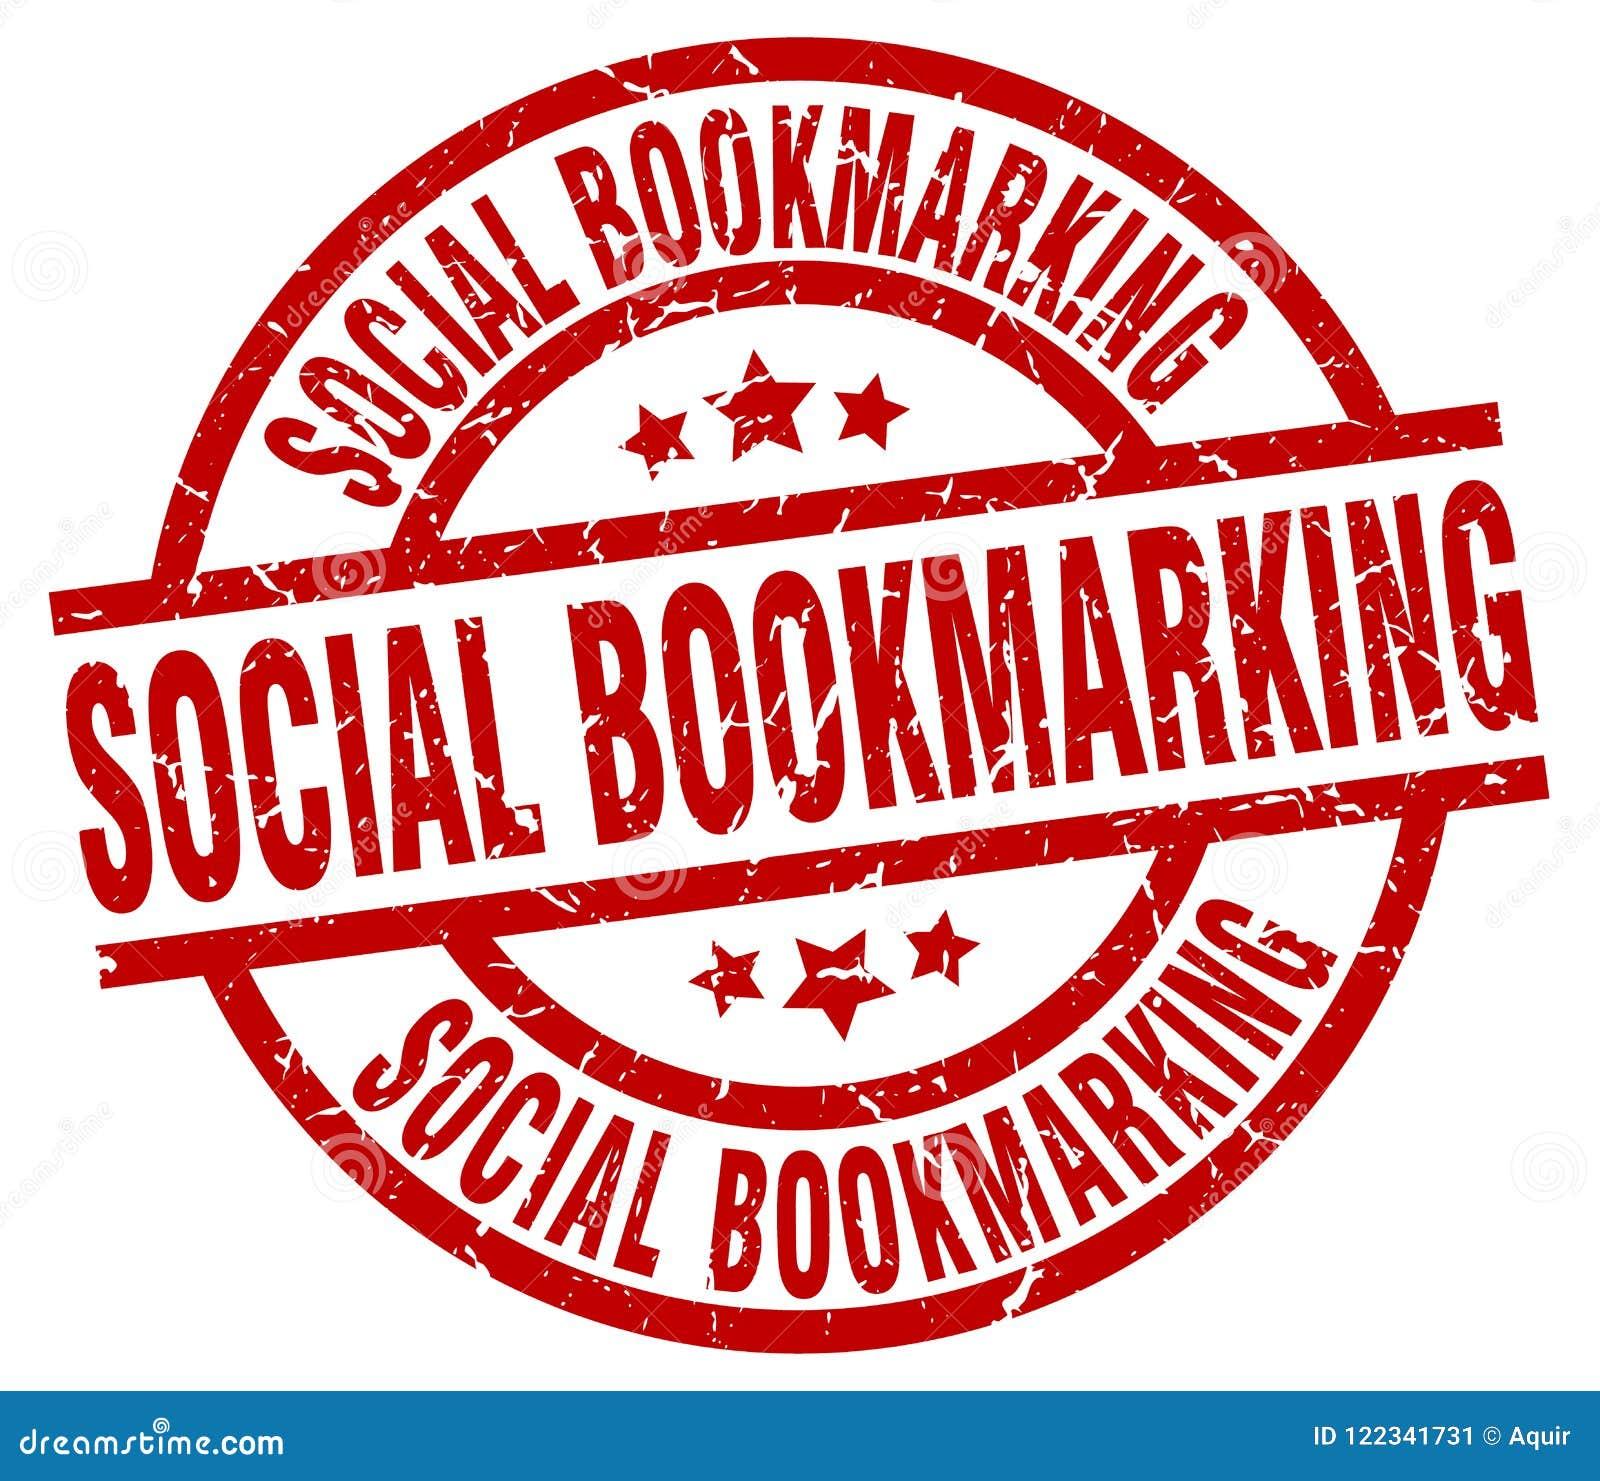 социальный bookmarking штемпель